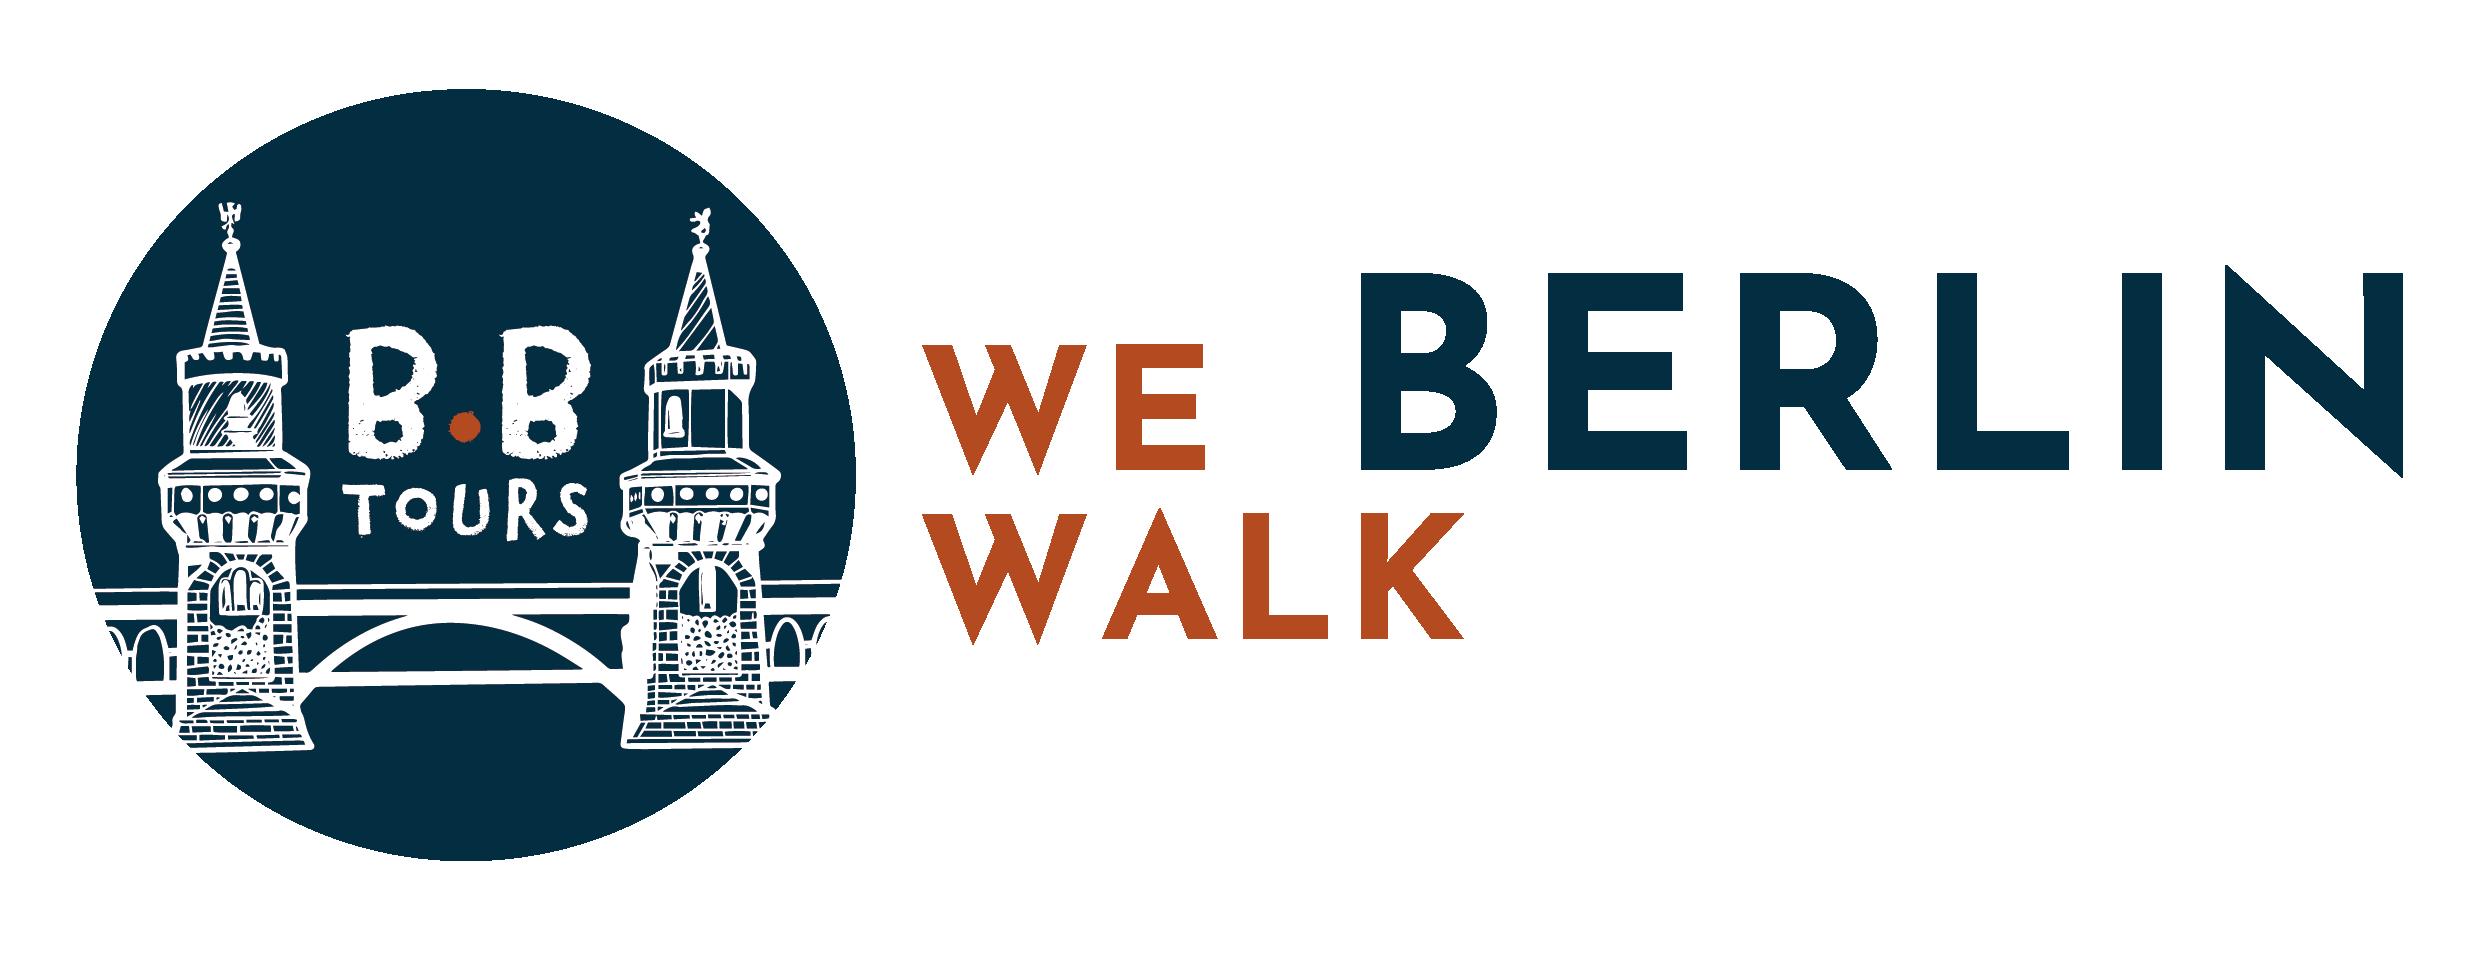 Alternative historical walking tours in Berlin